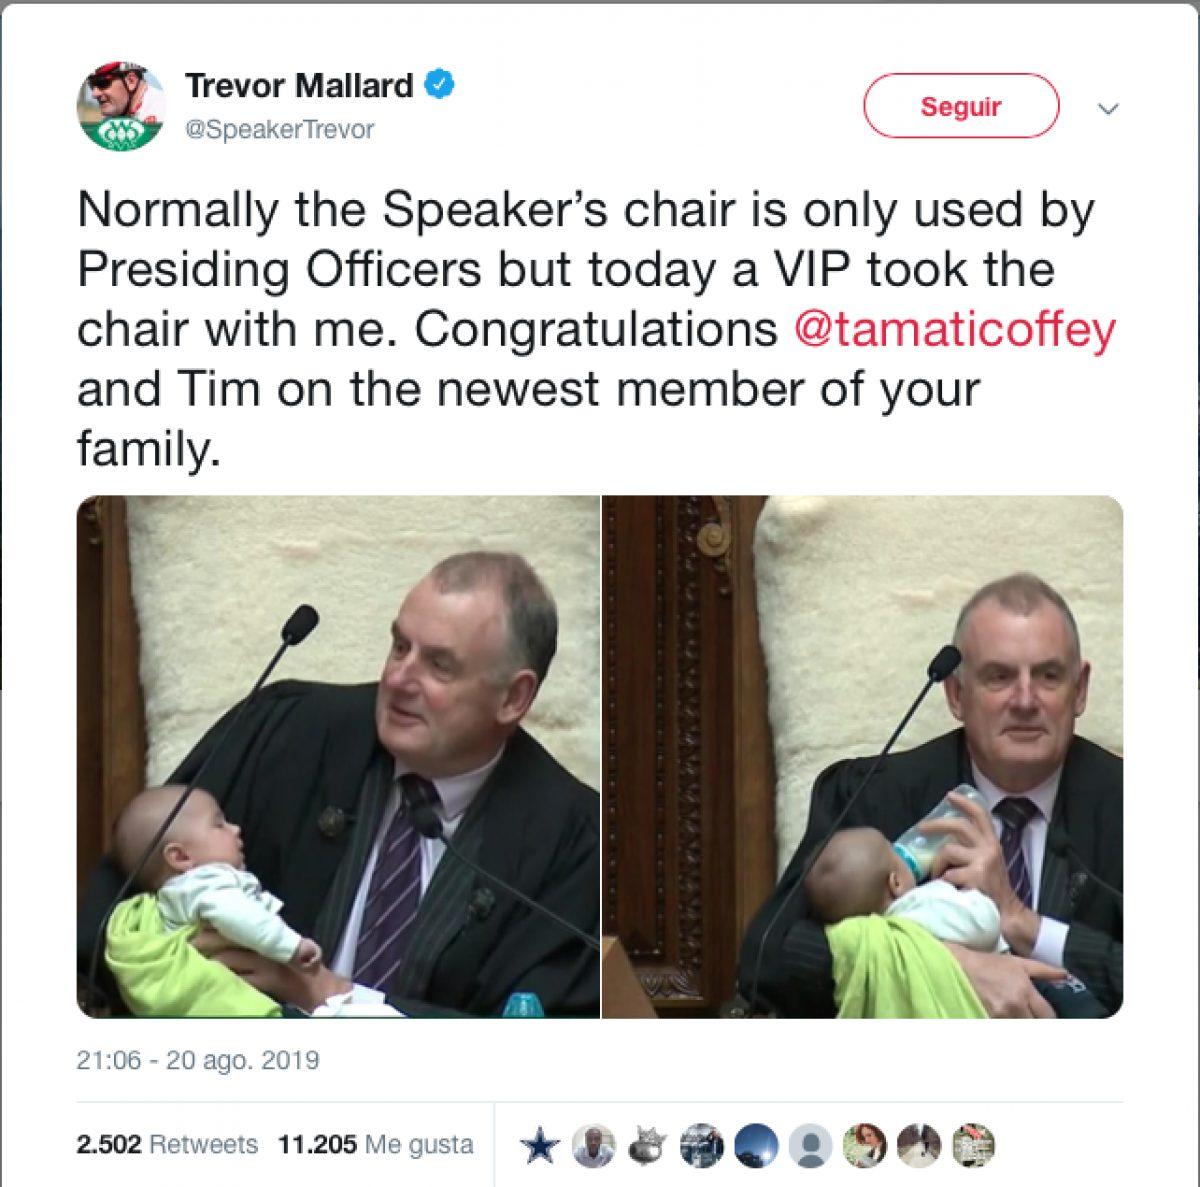 """Normalmente, la silla del presidente solo la usan los funcionarios que presiden, pero hoy una persona muy importante usó la silla conmigo"""", tuiteó."""